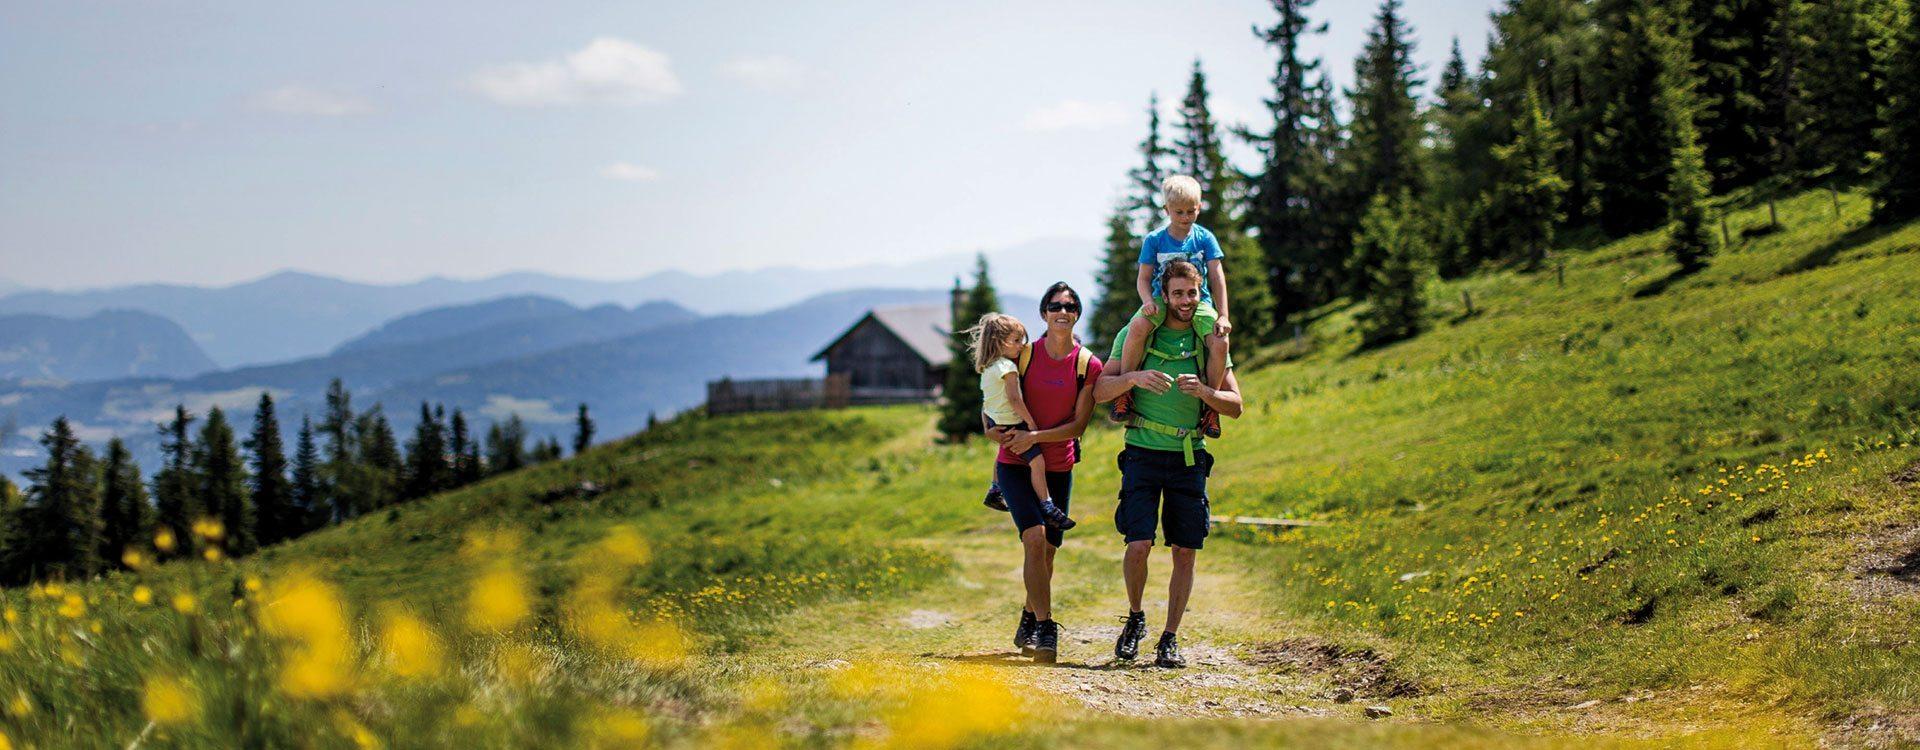 Sommerurlaub in der Region Murtal-Kreischberg, Steiermark